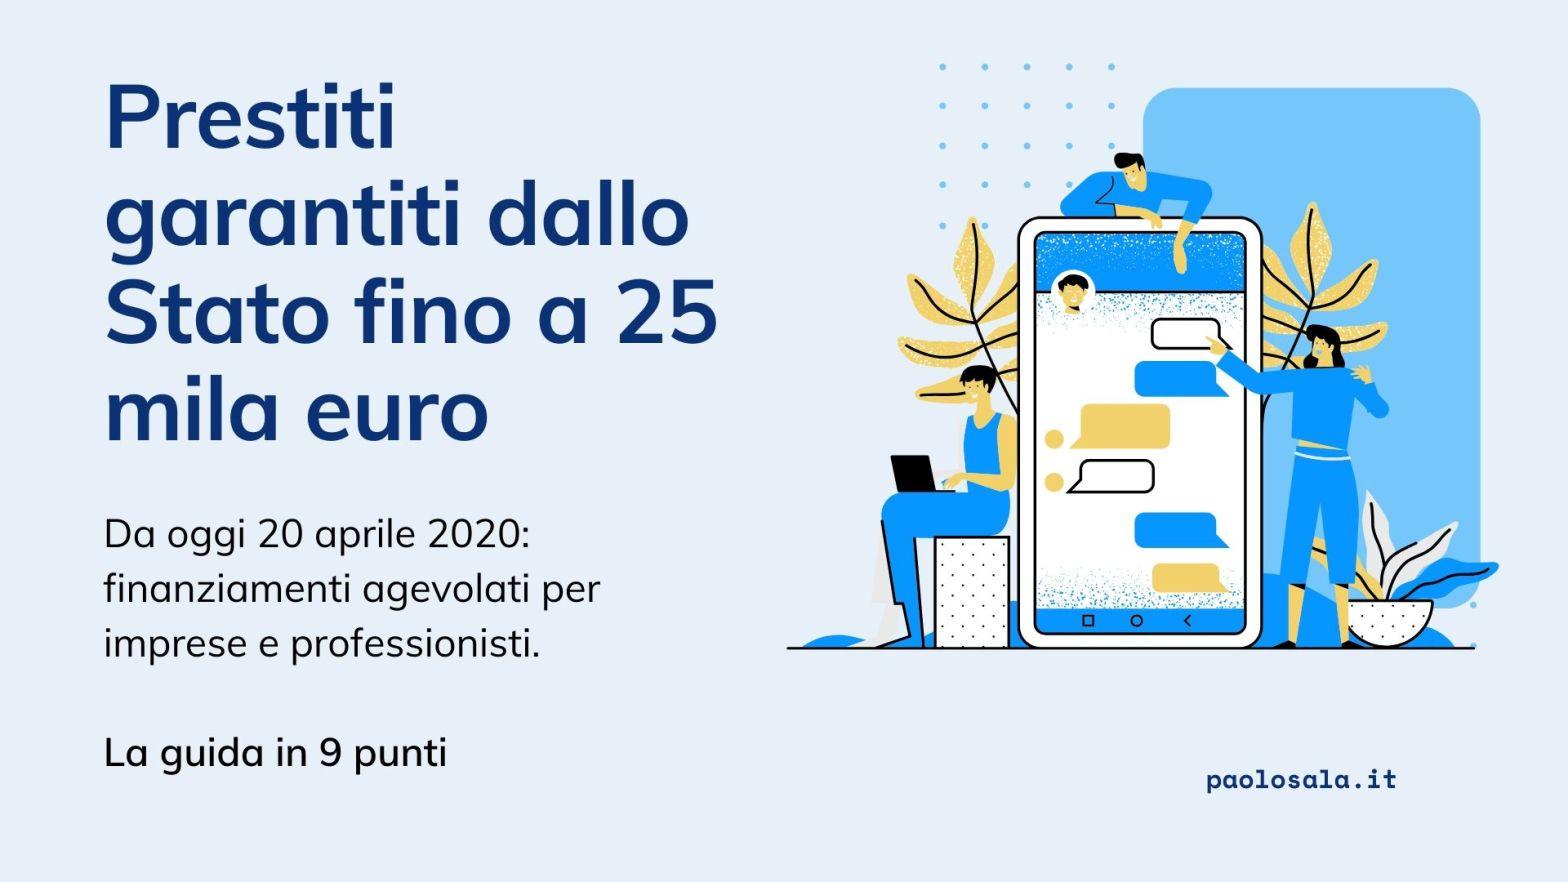 Finanziamenti agevolati fino a 25 mila euro per professionisti e imprese